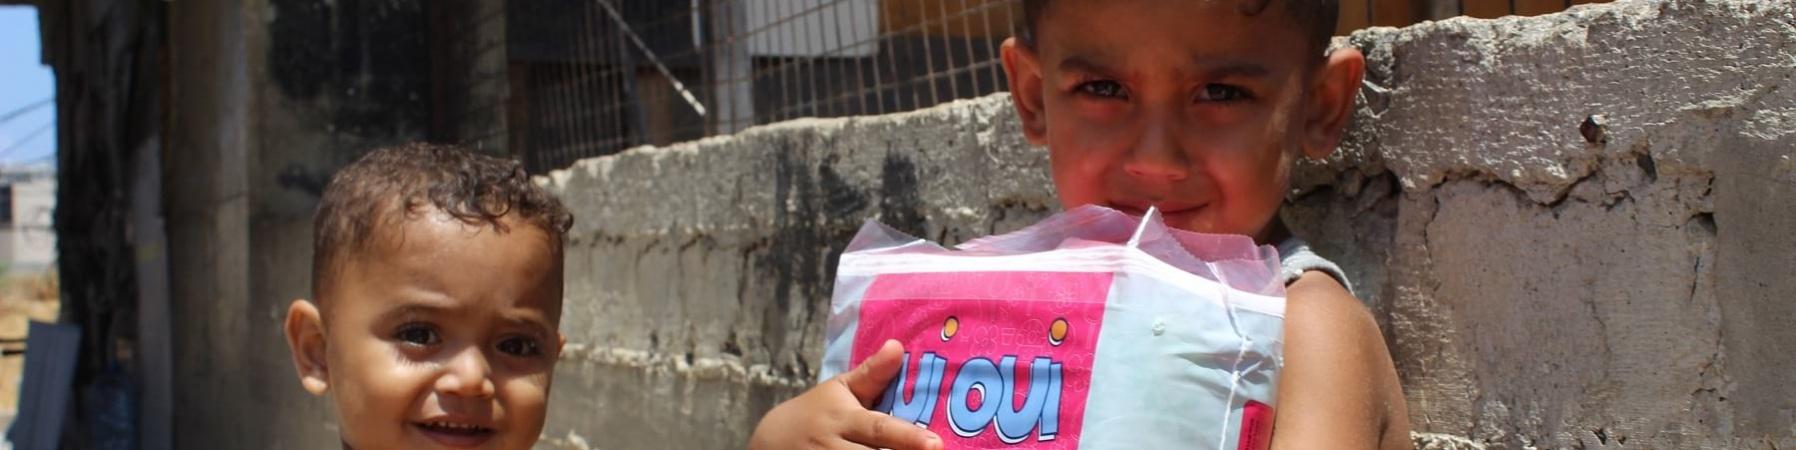 due bambini libanesi stringono premi primari distribuiti da save the children e i partner sul territorio